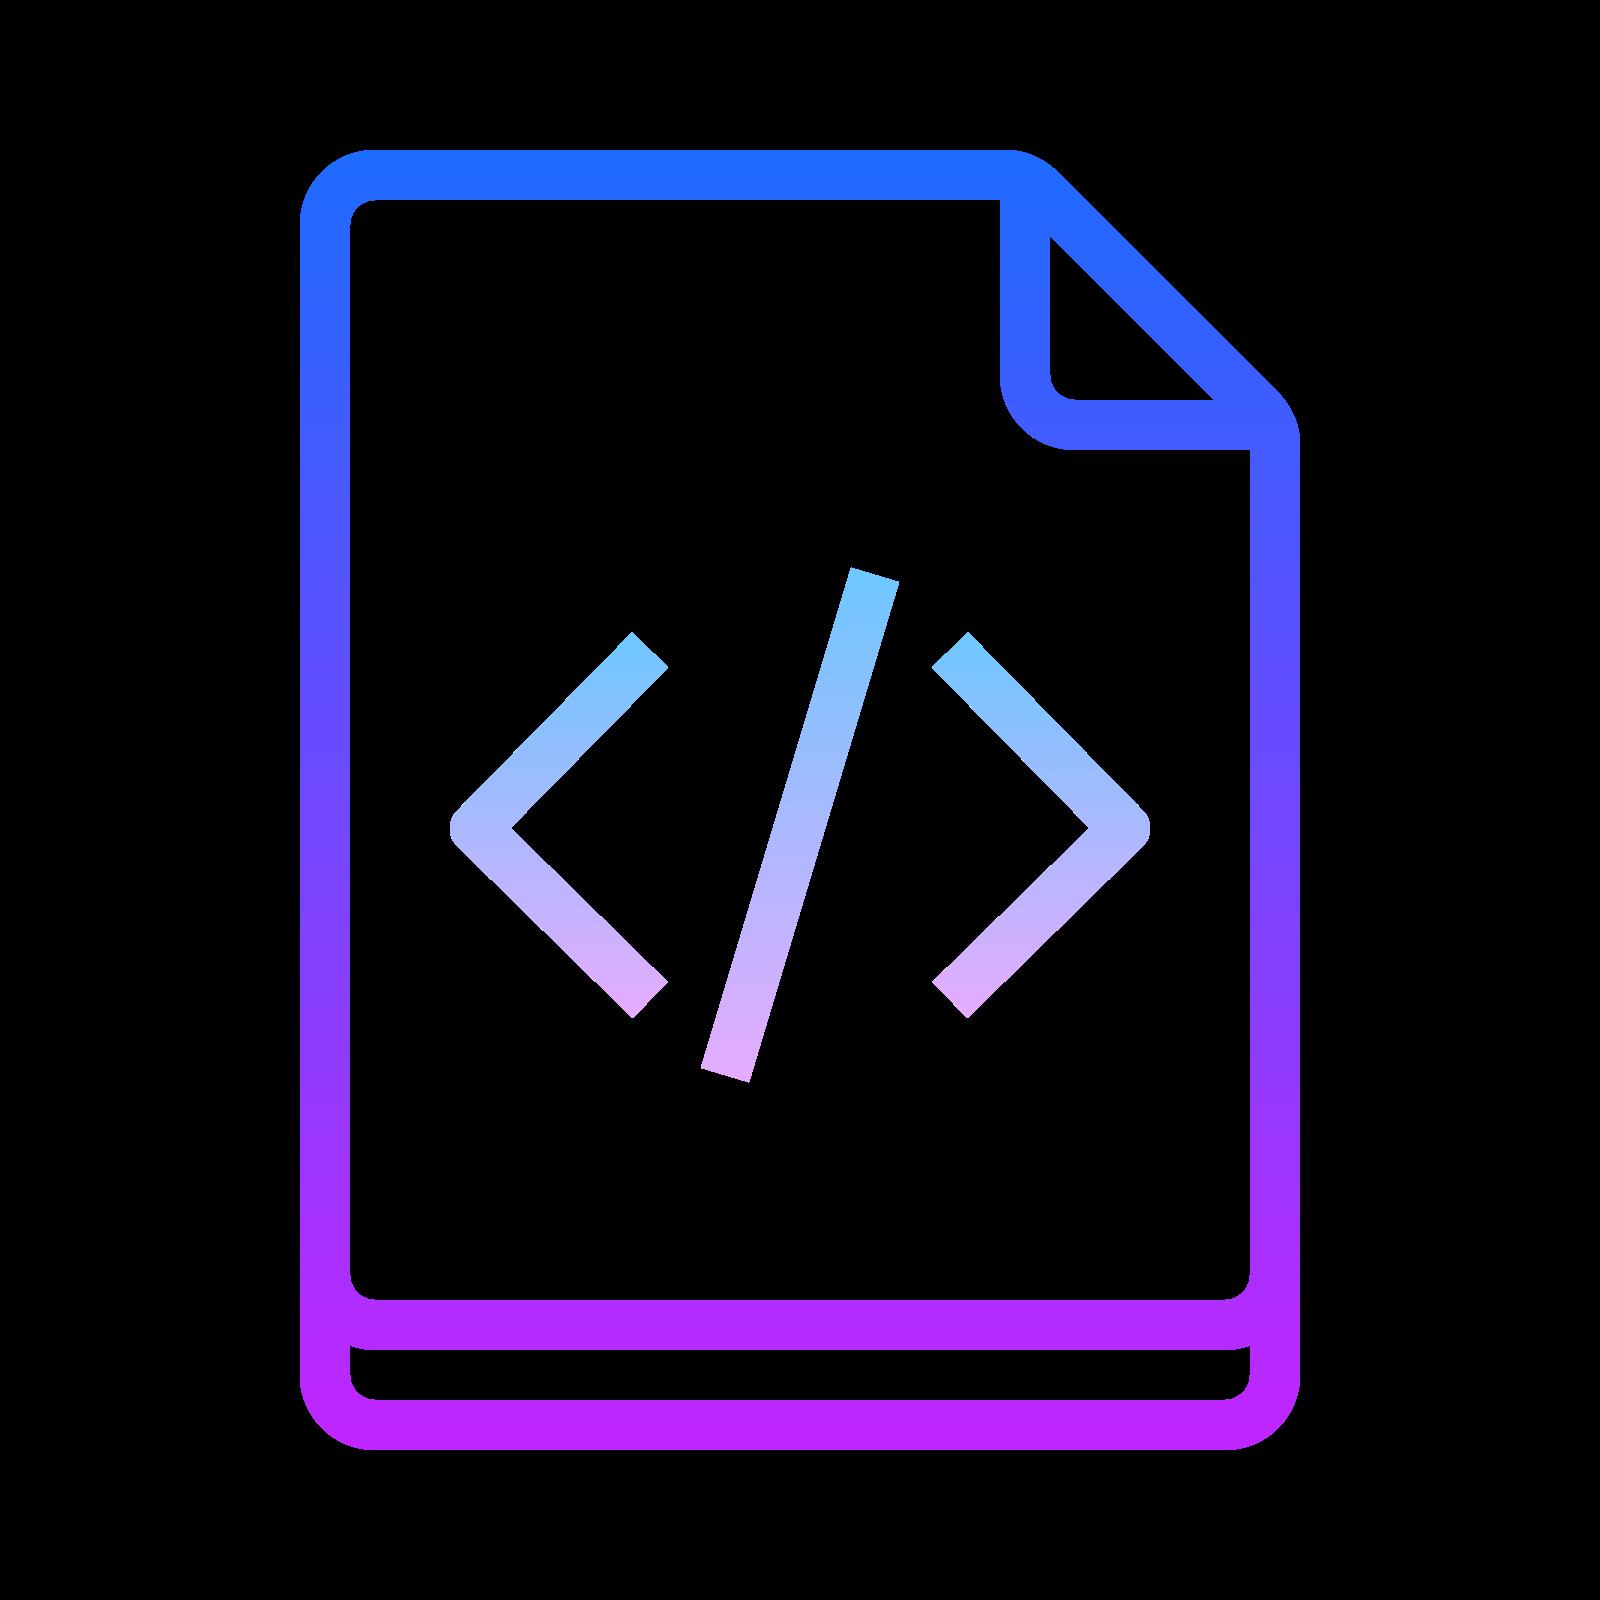 Archivo de código icon